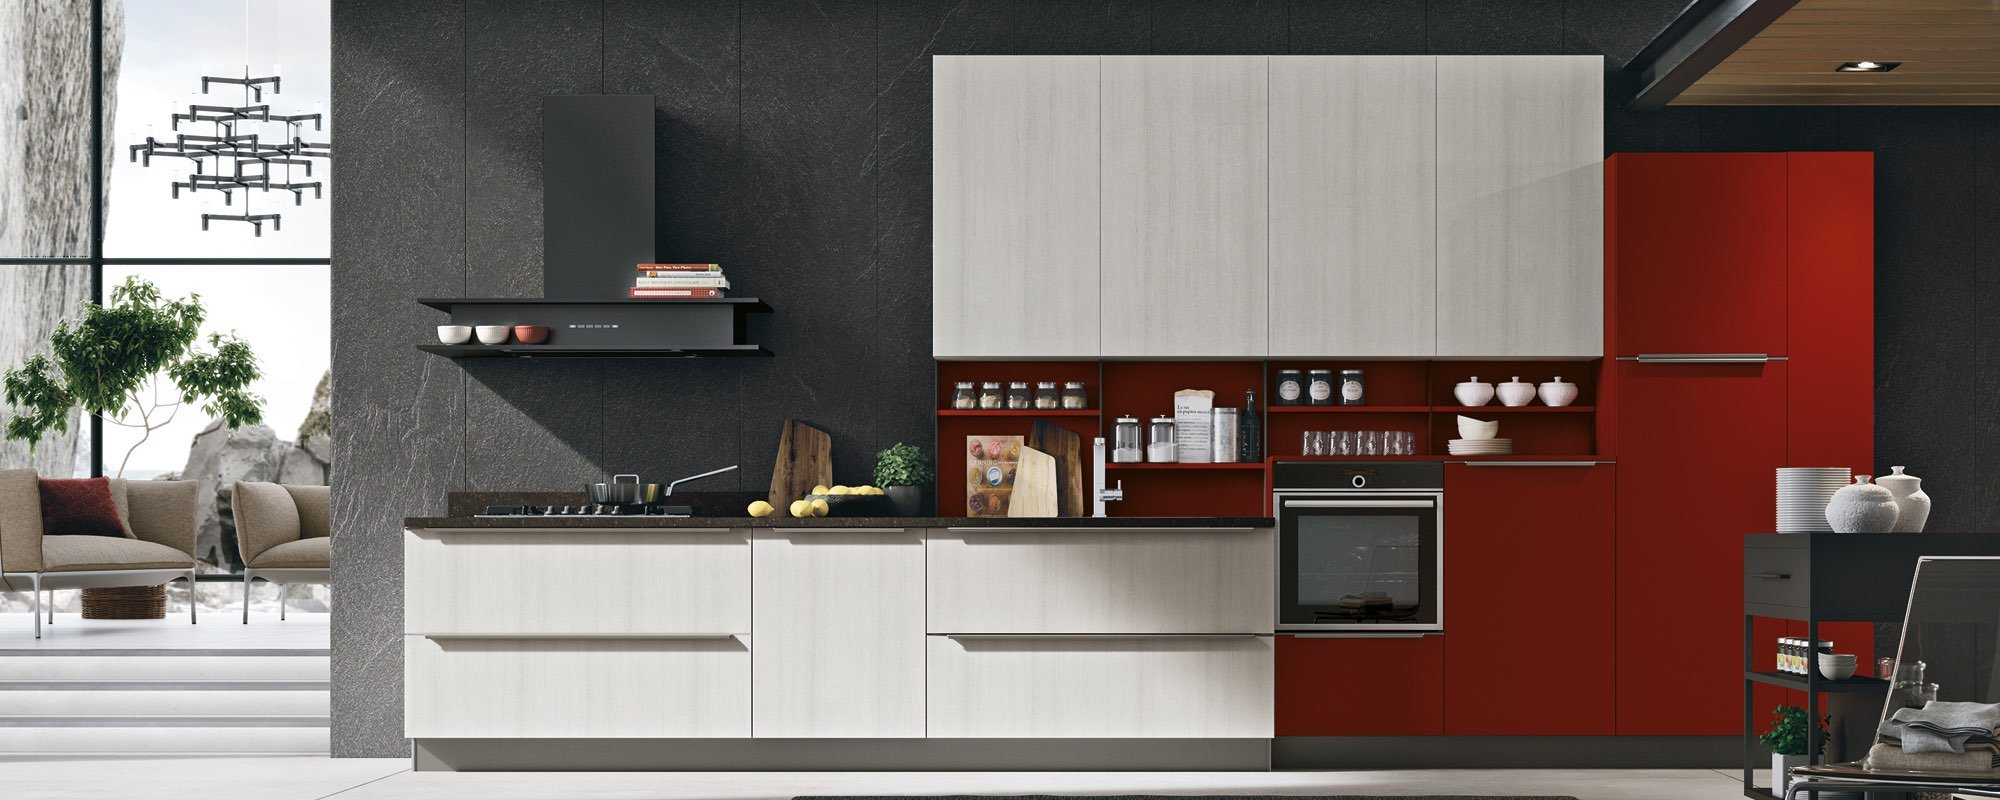 Progettazione Cucine moderne | Bagnolo San Vito | Stosa Cucine ...